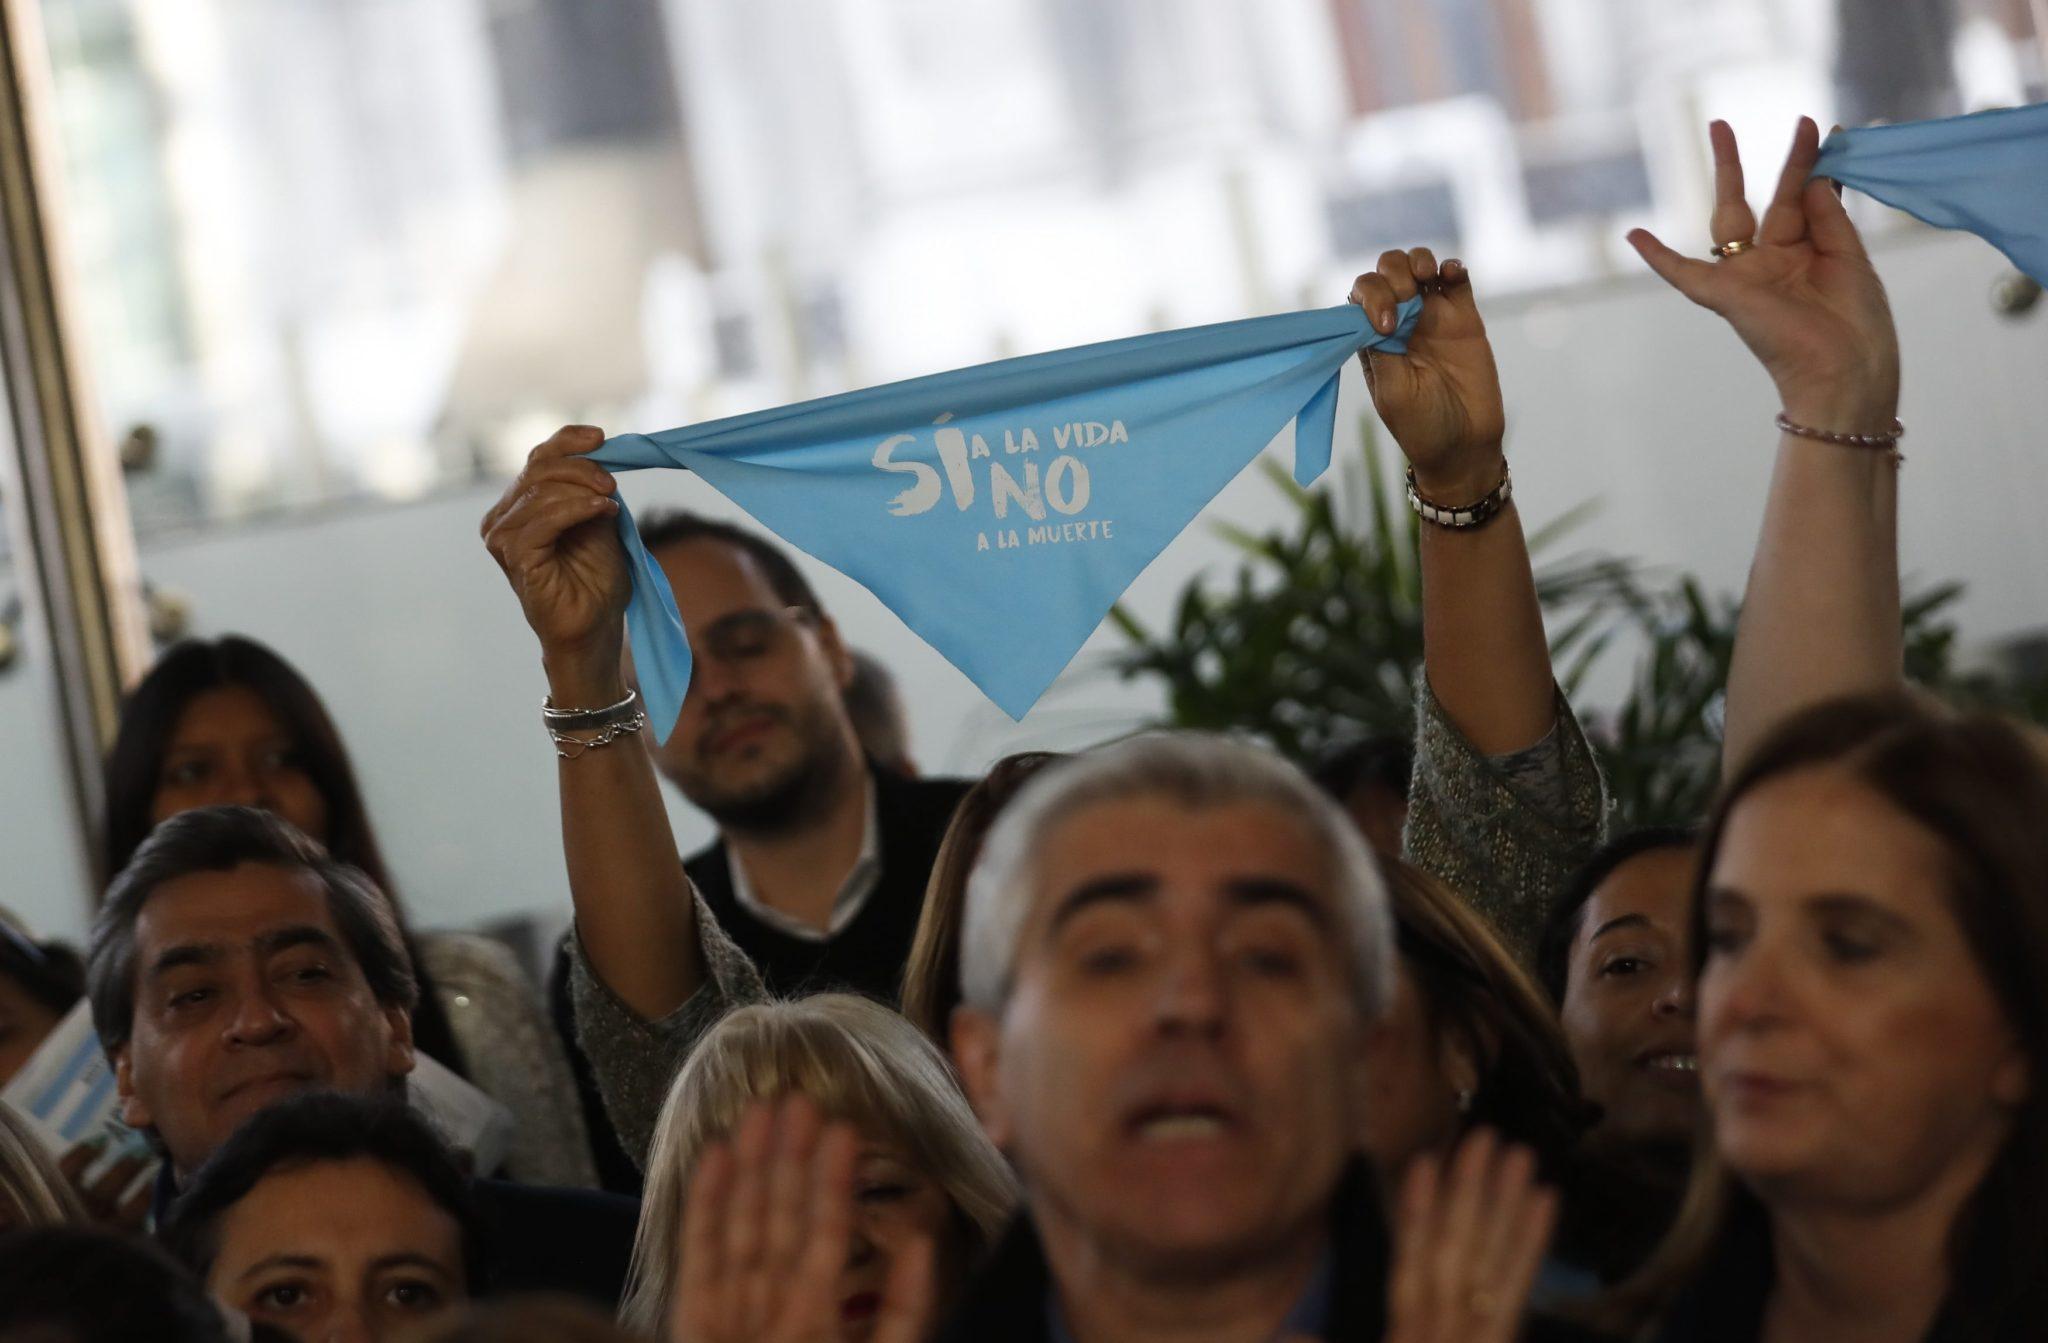 Argentyna, Buenos Aries: członkowie kilku organizacji prolife przekazują 150 tysięcy podpisów przeciwko ustawie, która ma zalegalizować aborcję w tym kraju. Zdecyduje o tym argentyński parlament, fot: David Fernandez, PAP/EPA